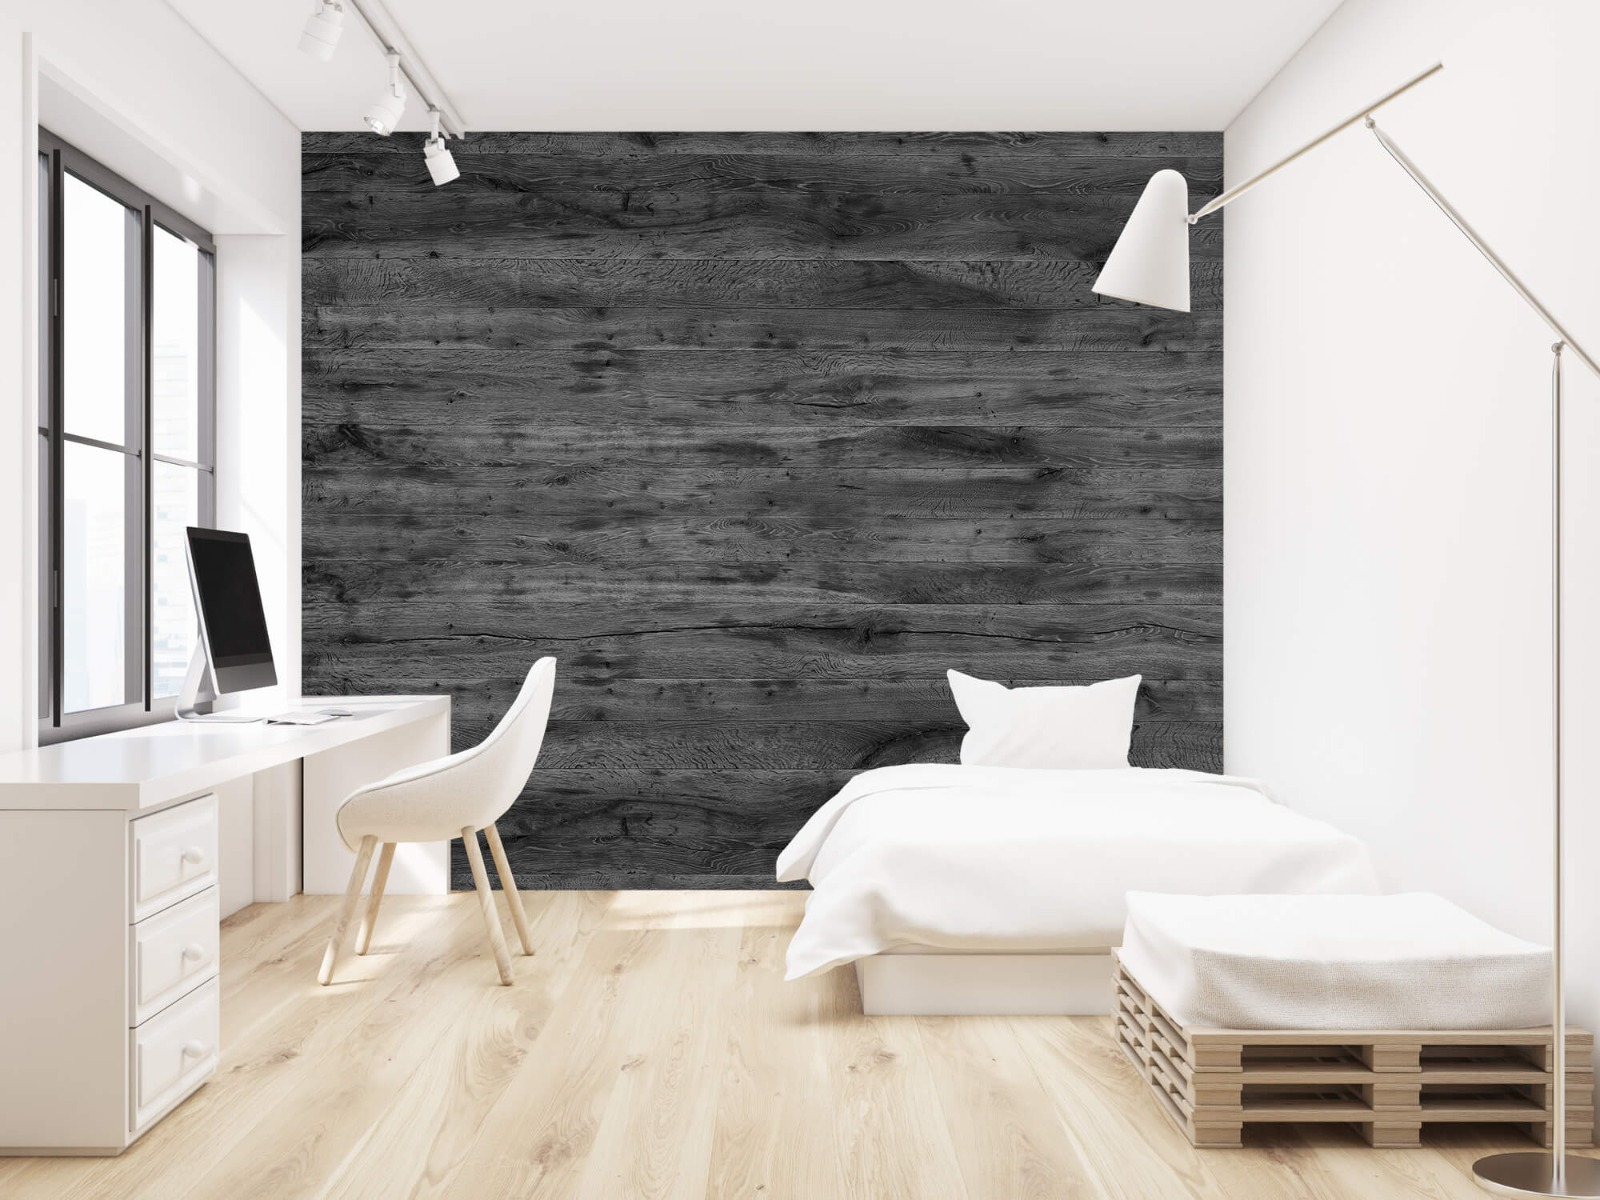 Hout behang - Grijze houten planken - Directie 23